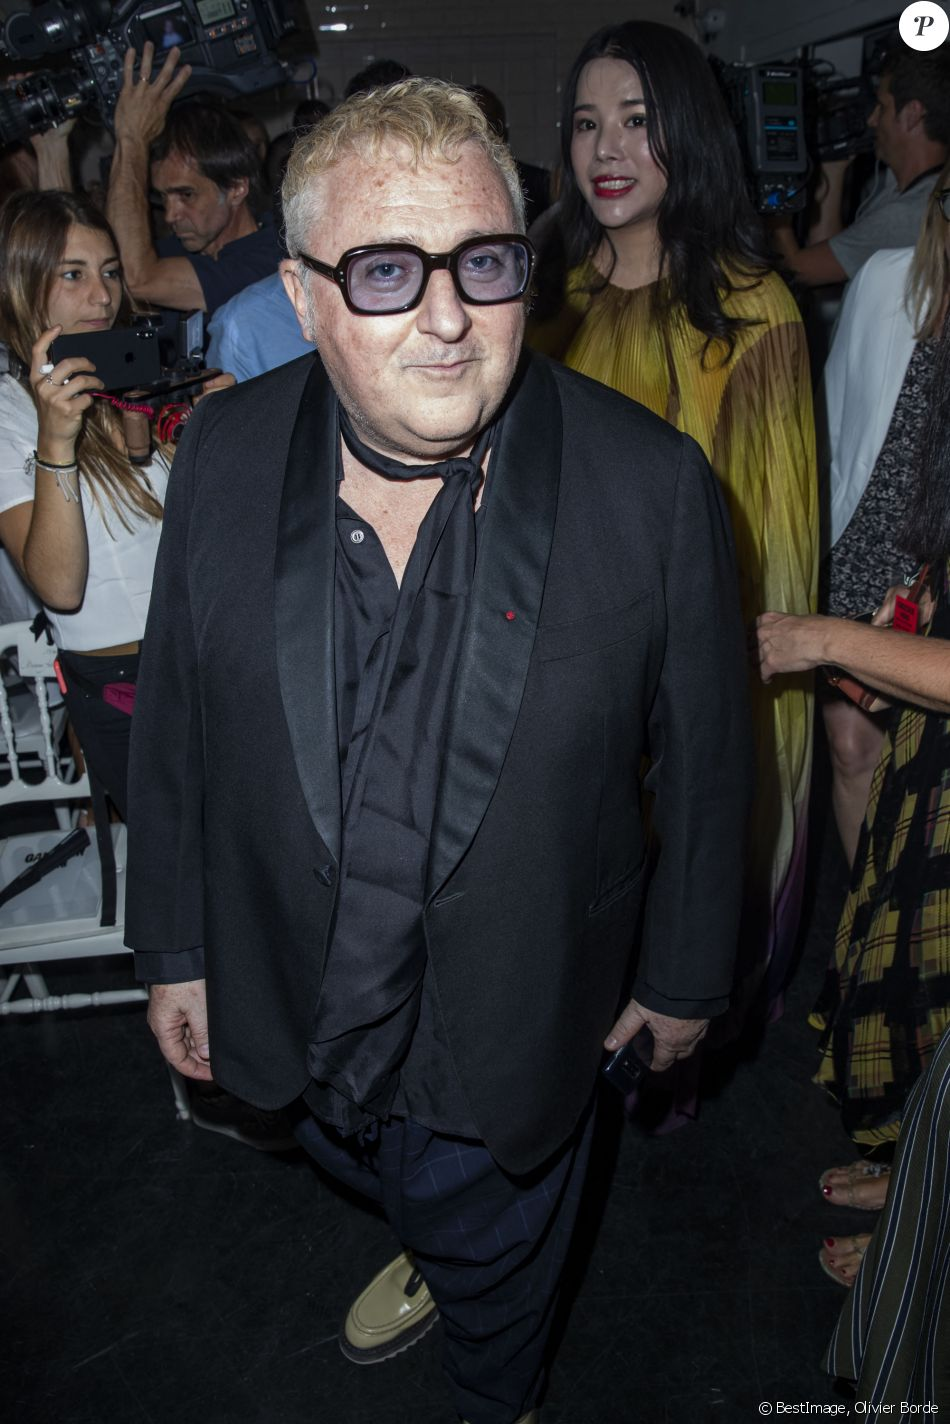 Alber Elbaz au défilé de mode Haute-Couture automne-hiver 2019/2020 Jean  Paul Gaultier à Paris. Le 3 juillet 2019 © Olivier Borde / Bestimage -  Purepeople